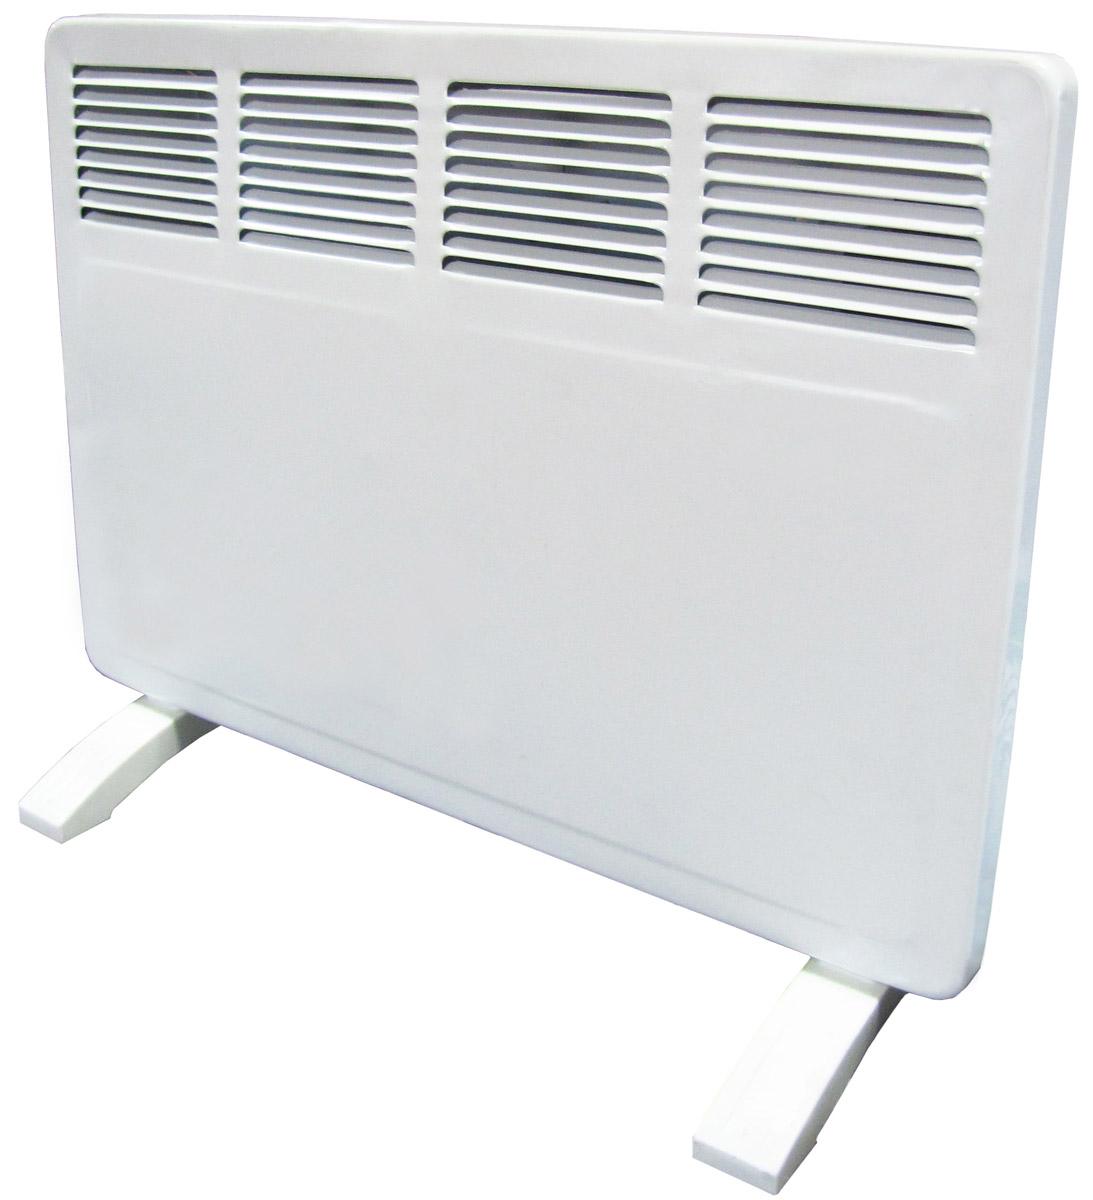 Irit IR-6207 конвекторный обогревательIR-62072 уровня нагрева (800/1600Вт), световой индикатор работы, возможность установки на стену. Рабочее напряжение: 220В/50Гц. Сушилка для белья в комплекте.